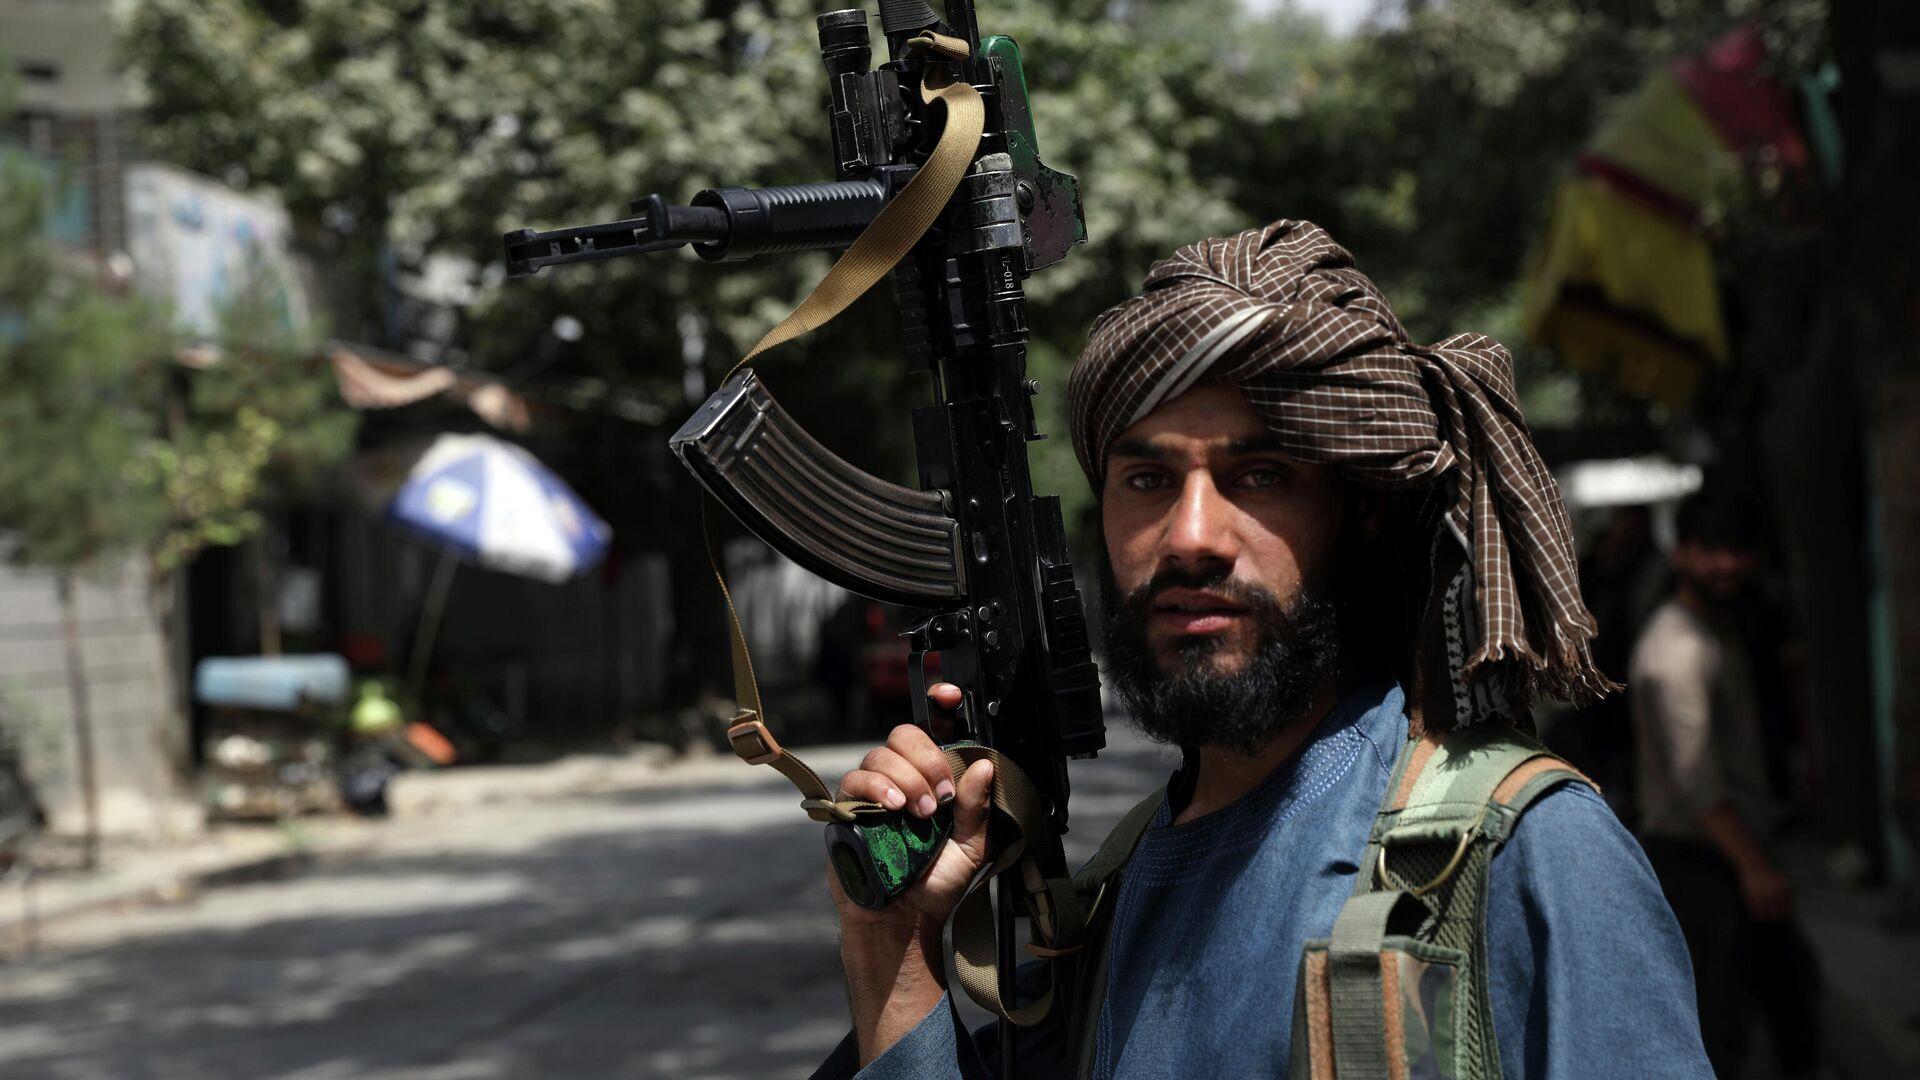 Боевики Талибана патрулируют район Вазир Акбар Хан в городе Кабул, Афганистан - Sputnik Таджикистан, 1920, 25.08.2021